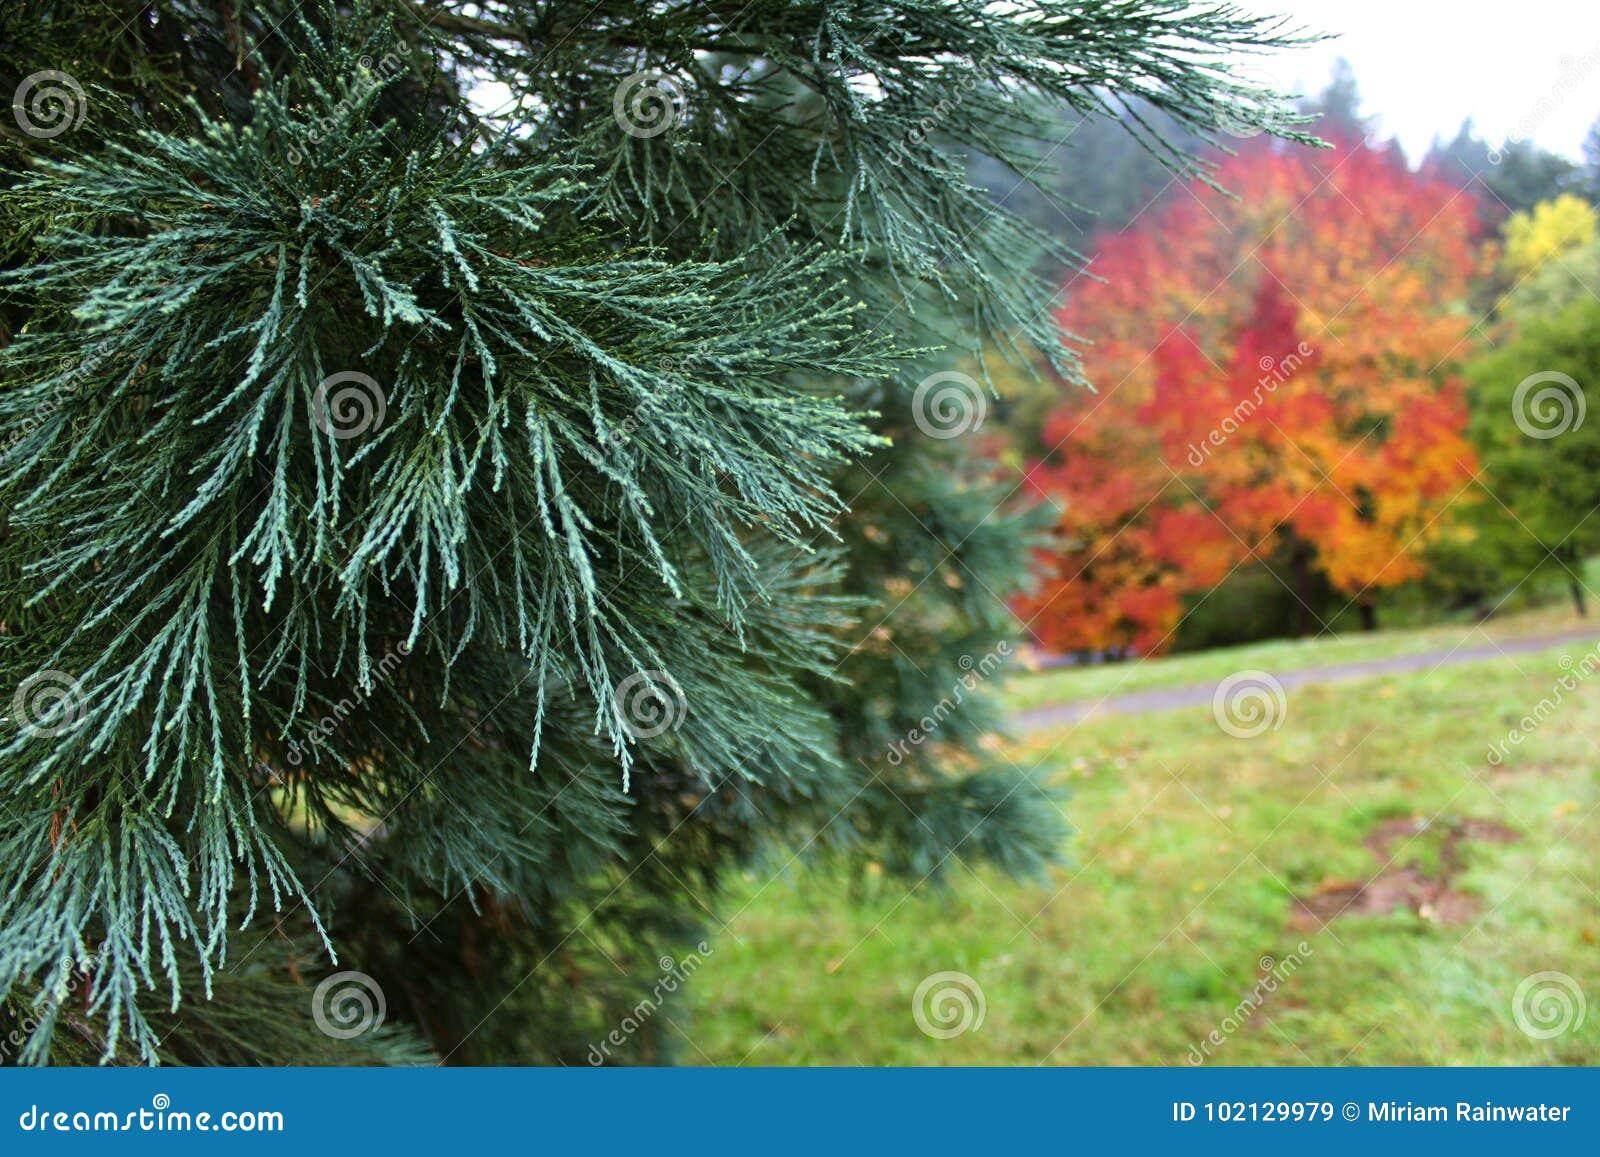 Aboretum το φθινόπωρο